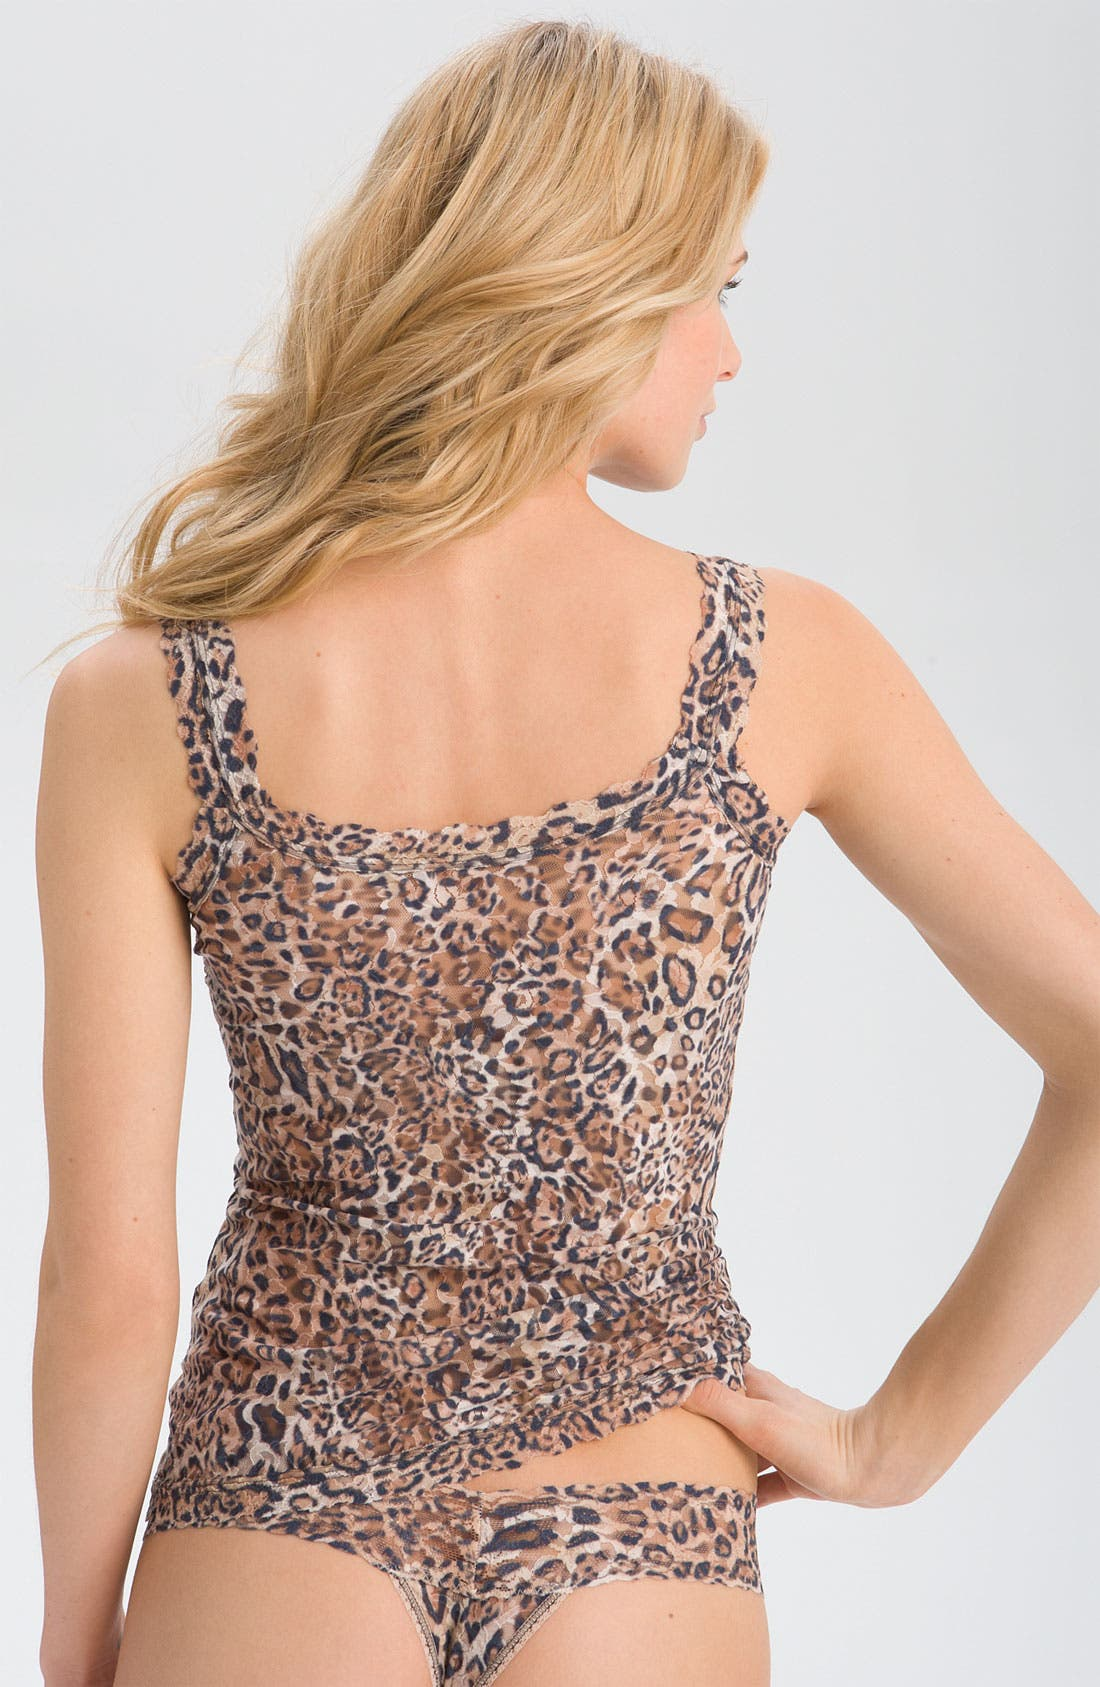 'Leopard' Lace Camisole,                             Alternate thumbnail 3, color,                             200